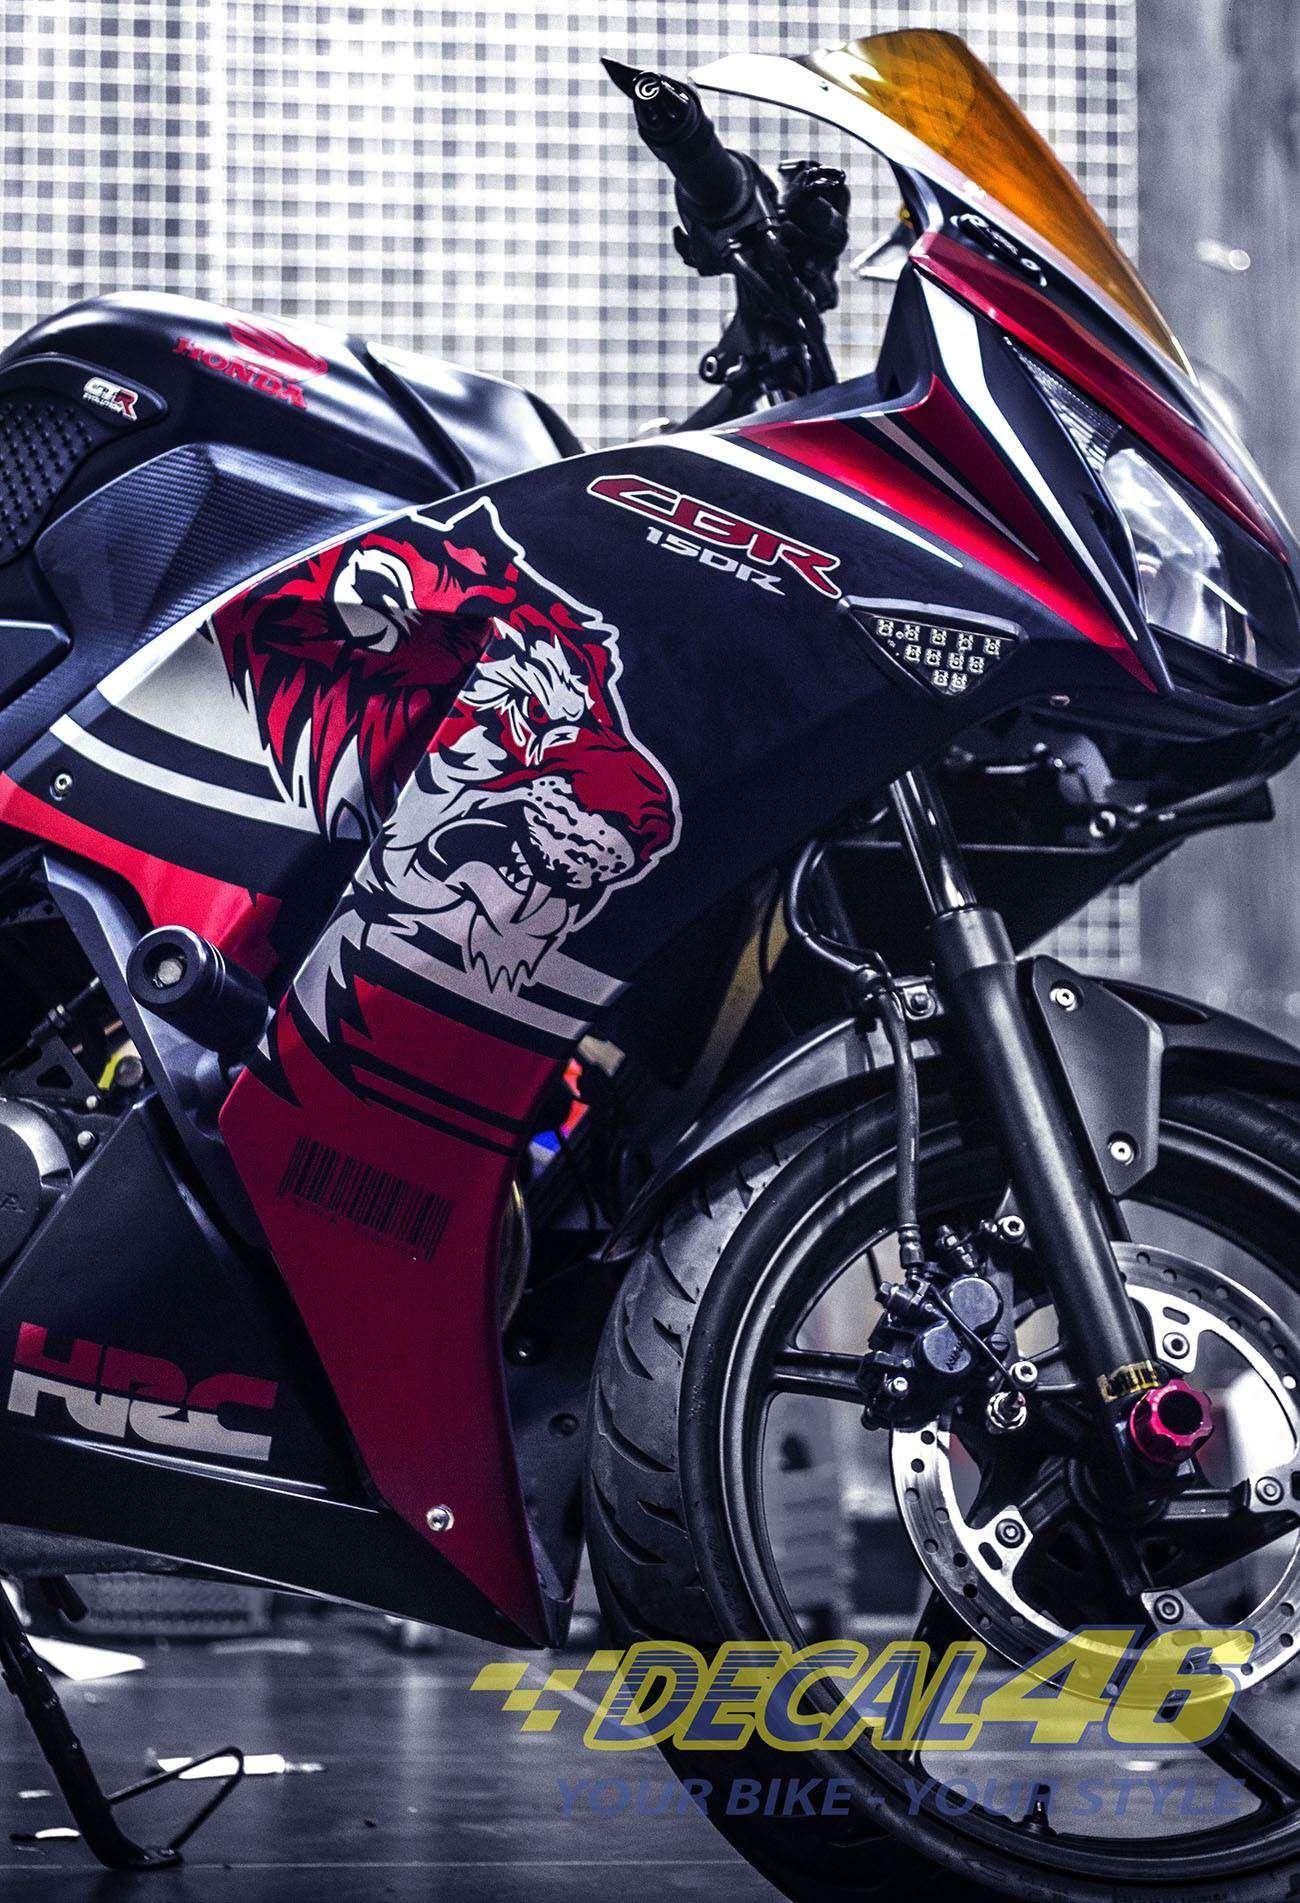 Tem xe CBR150 - 14 - Tem xe thiết kế Tiger nhôm đỏ đen